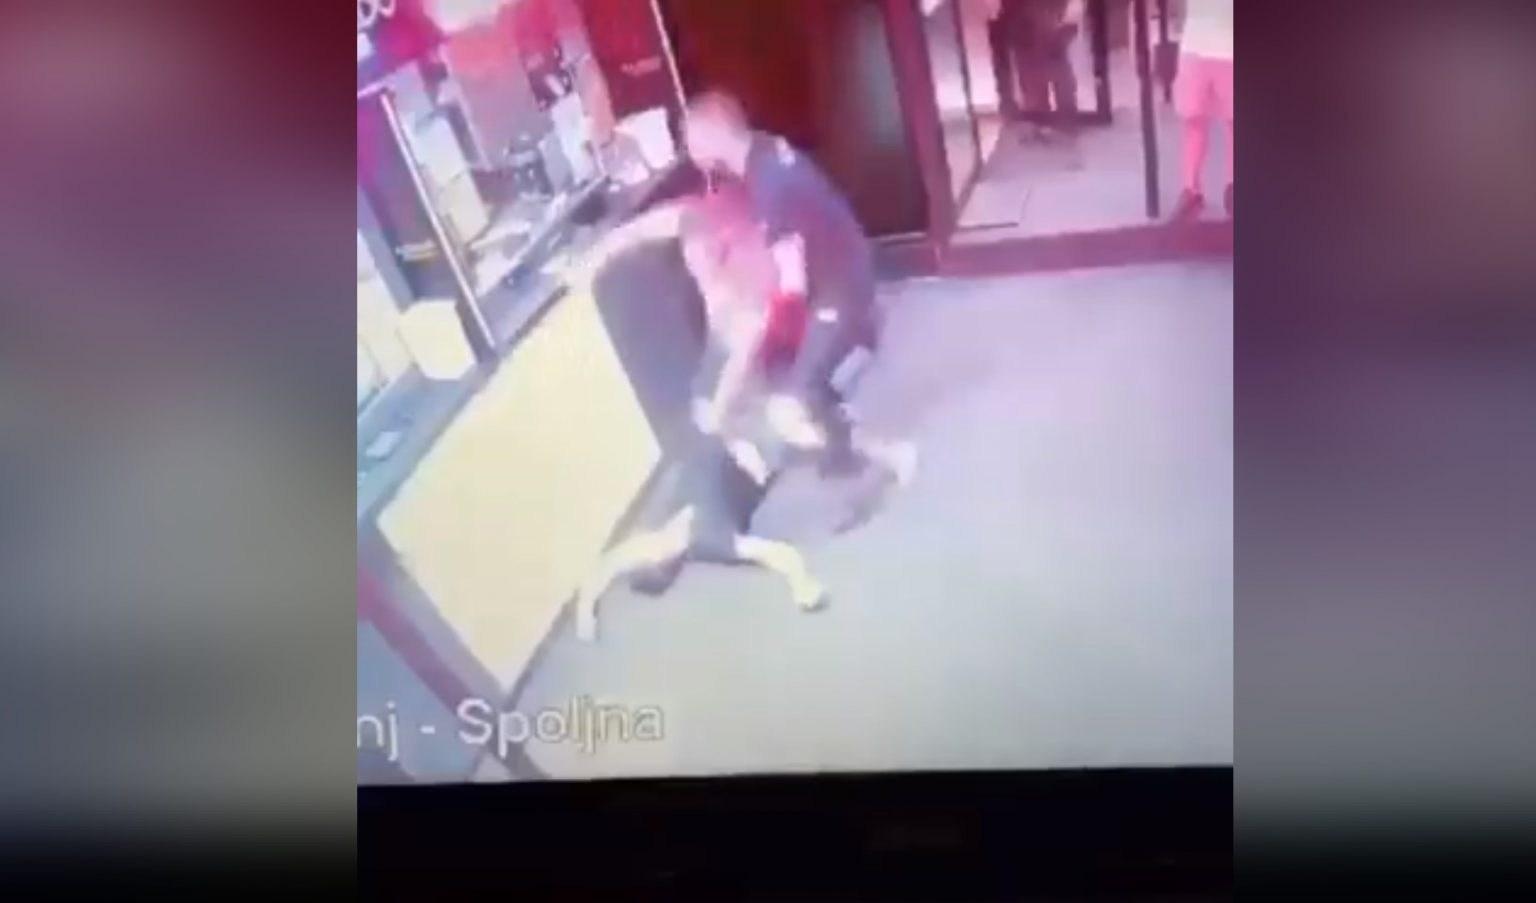 -policijska-potraga-za-muskarcem-koji-je-onesvescenom-mladicu-polomio-obe-ruke-(video)